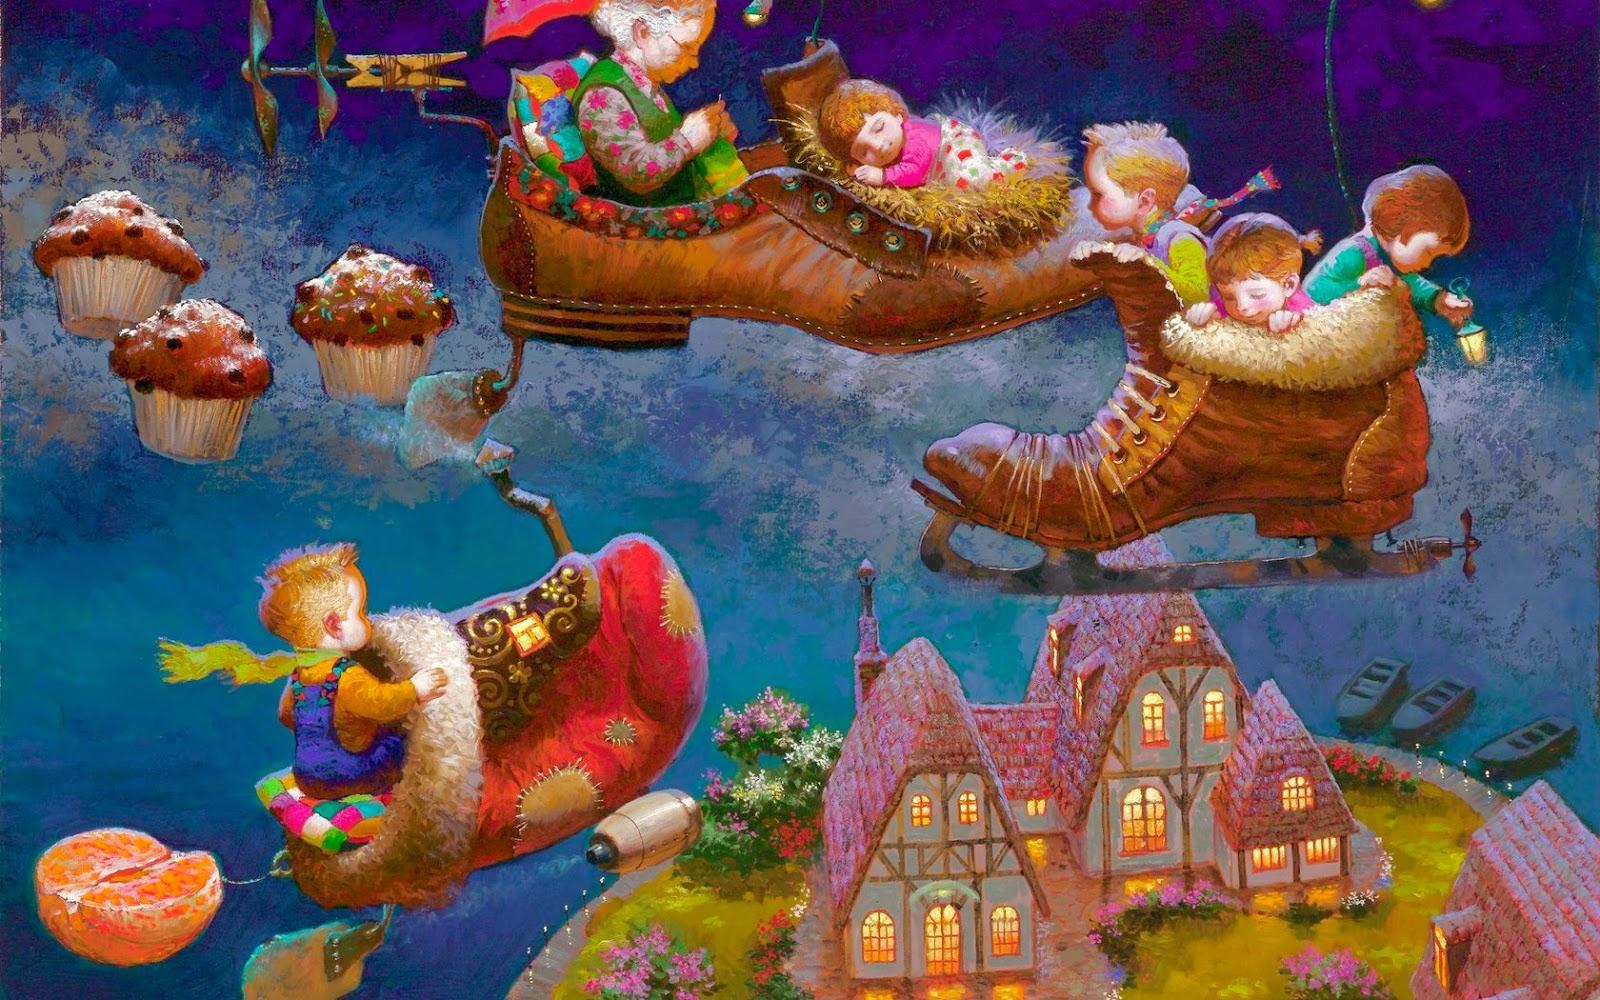 Nanna S Christmas Pudding Food And Drink Awards